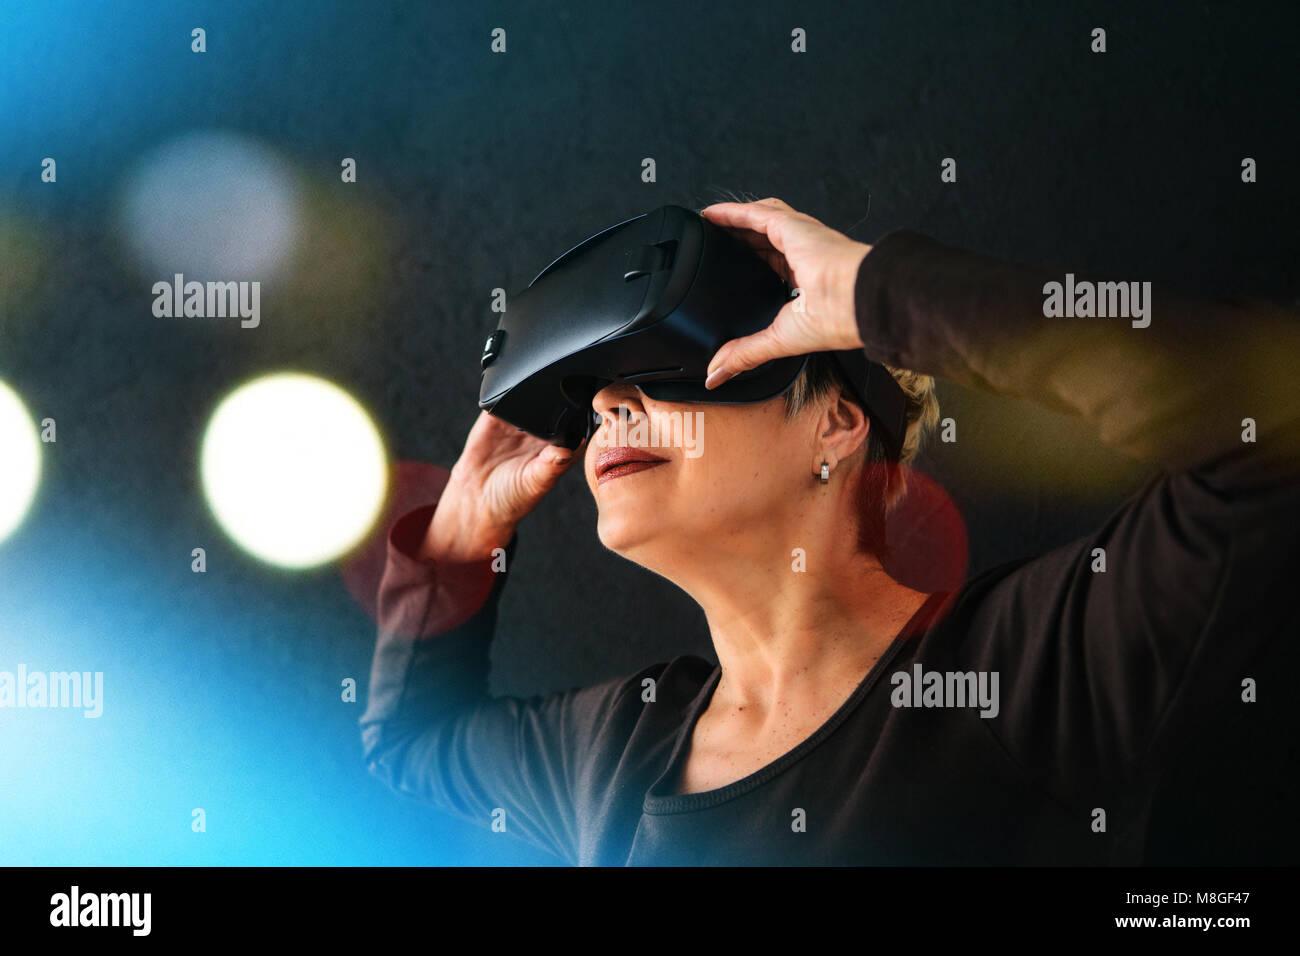 Eine ältere Frau in der virtuellen Realität Gläser. Eine ältere Person mit moderner Technologie. Stockbild